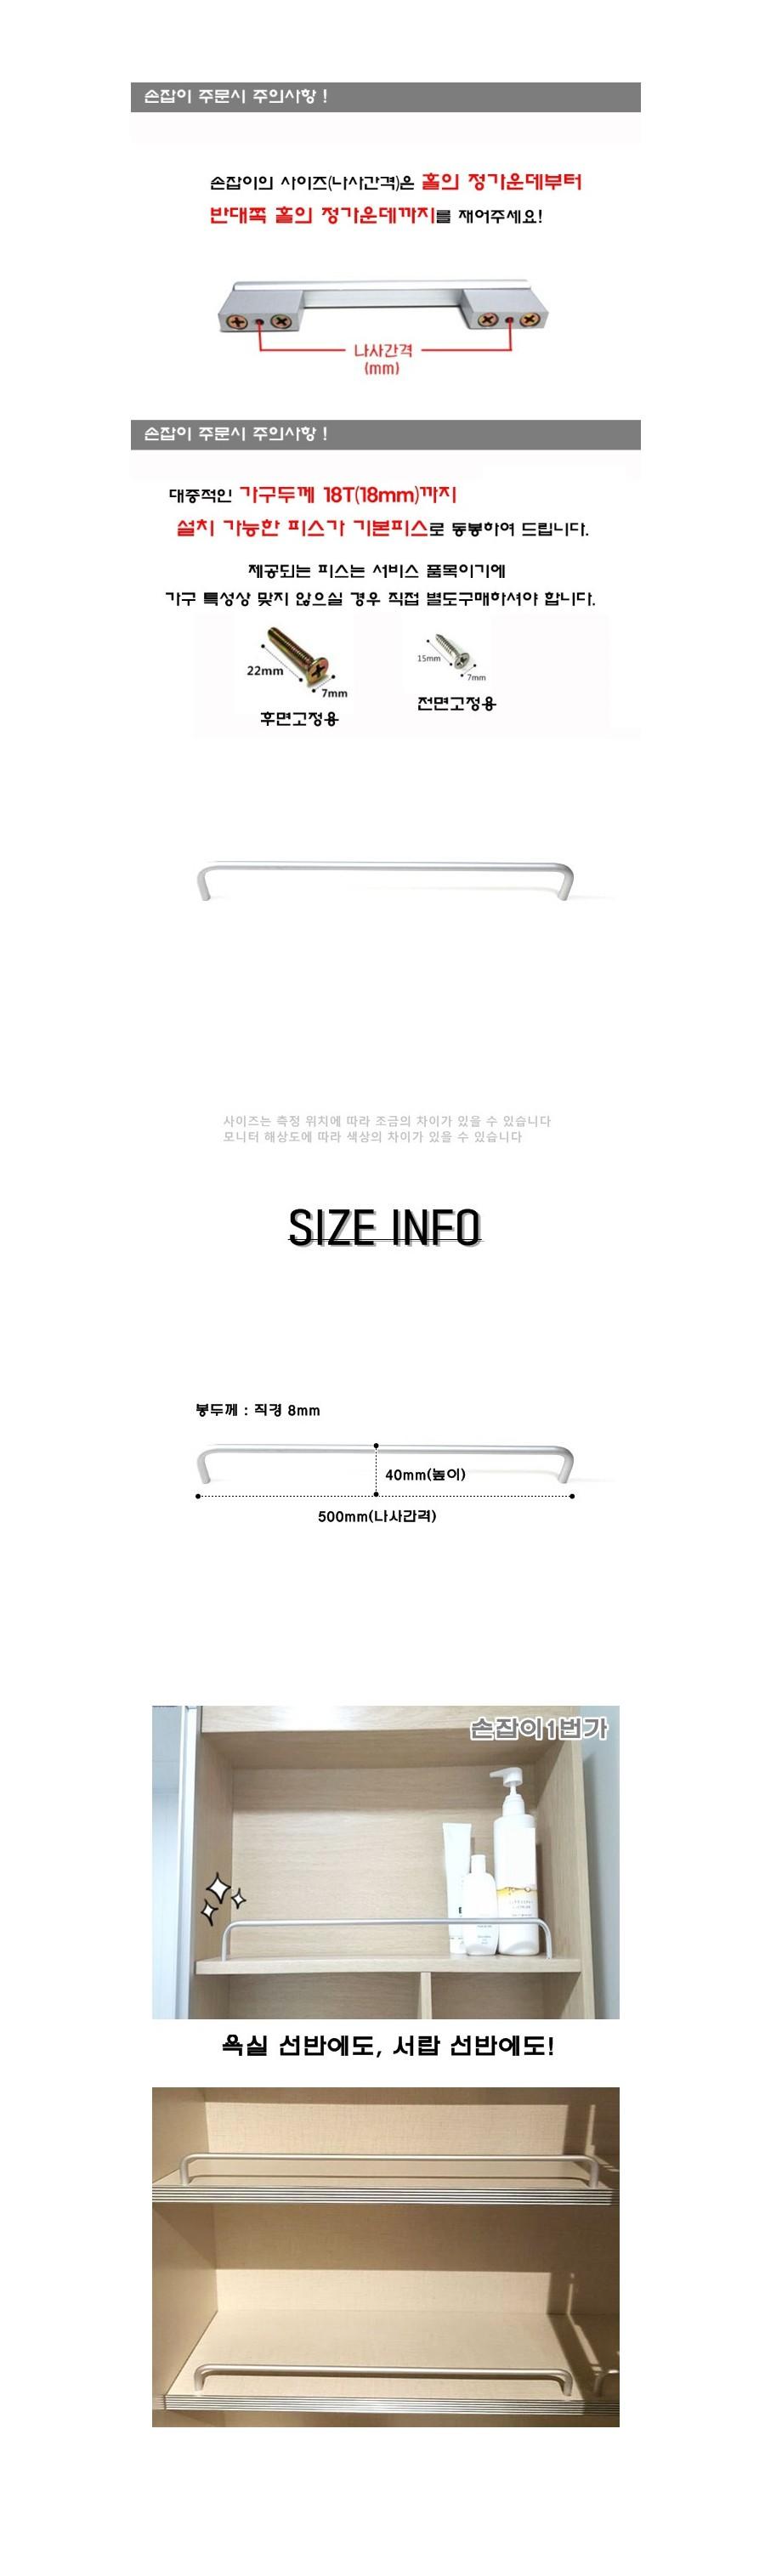 가이드바 욕실장 선반 가드 실버 (p500mm) - 썸몰, 5,500원, DIY 재료, 부자재